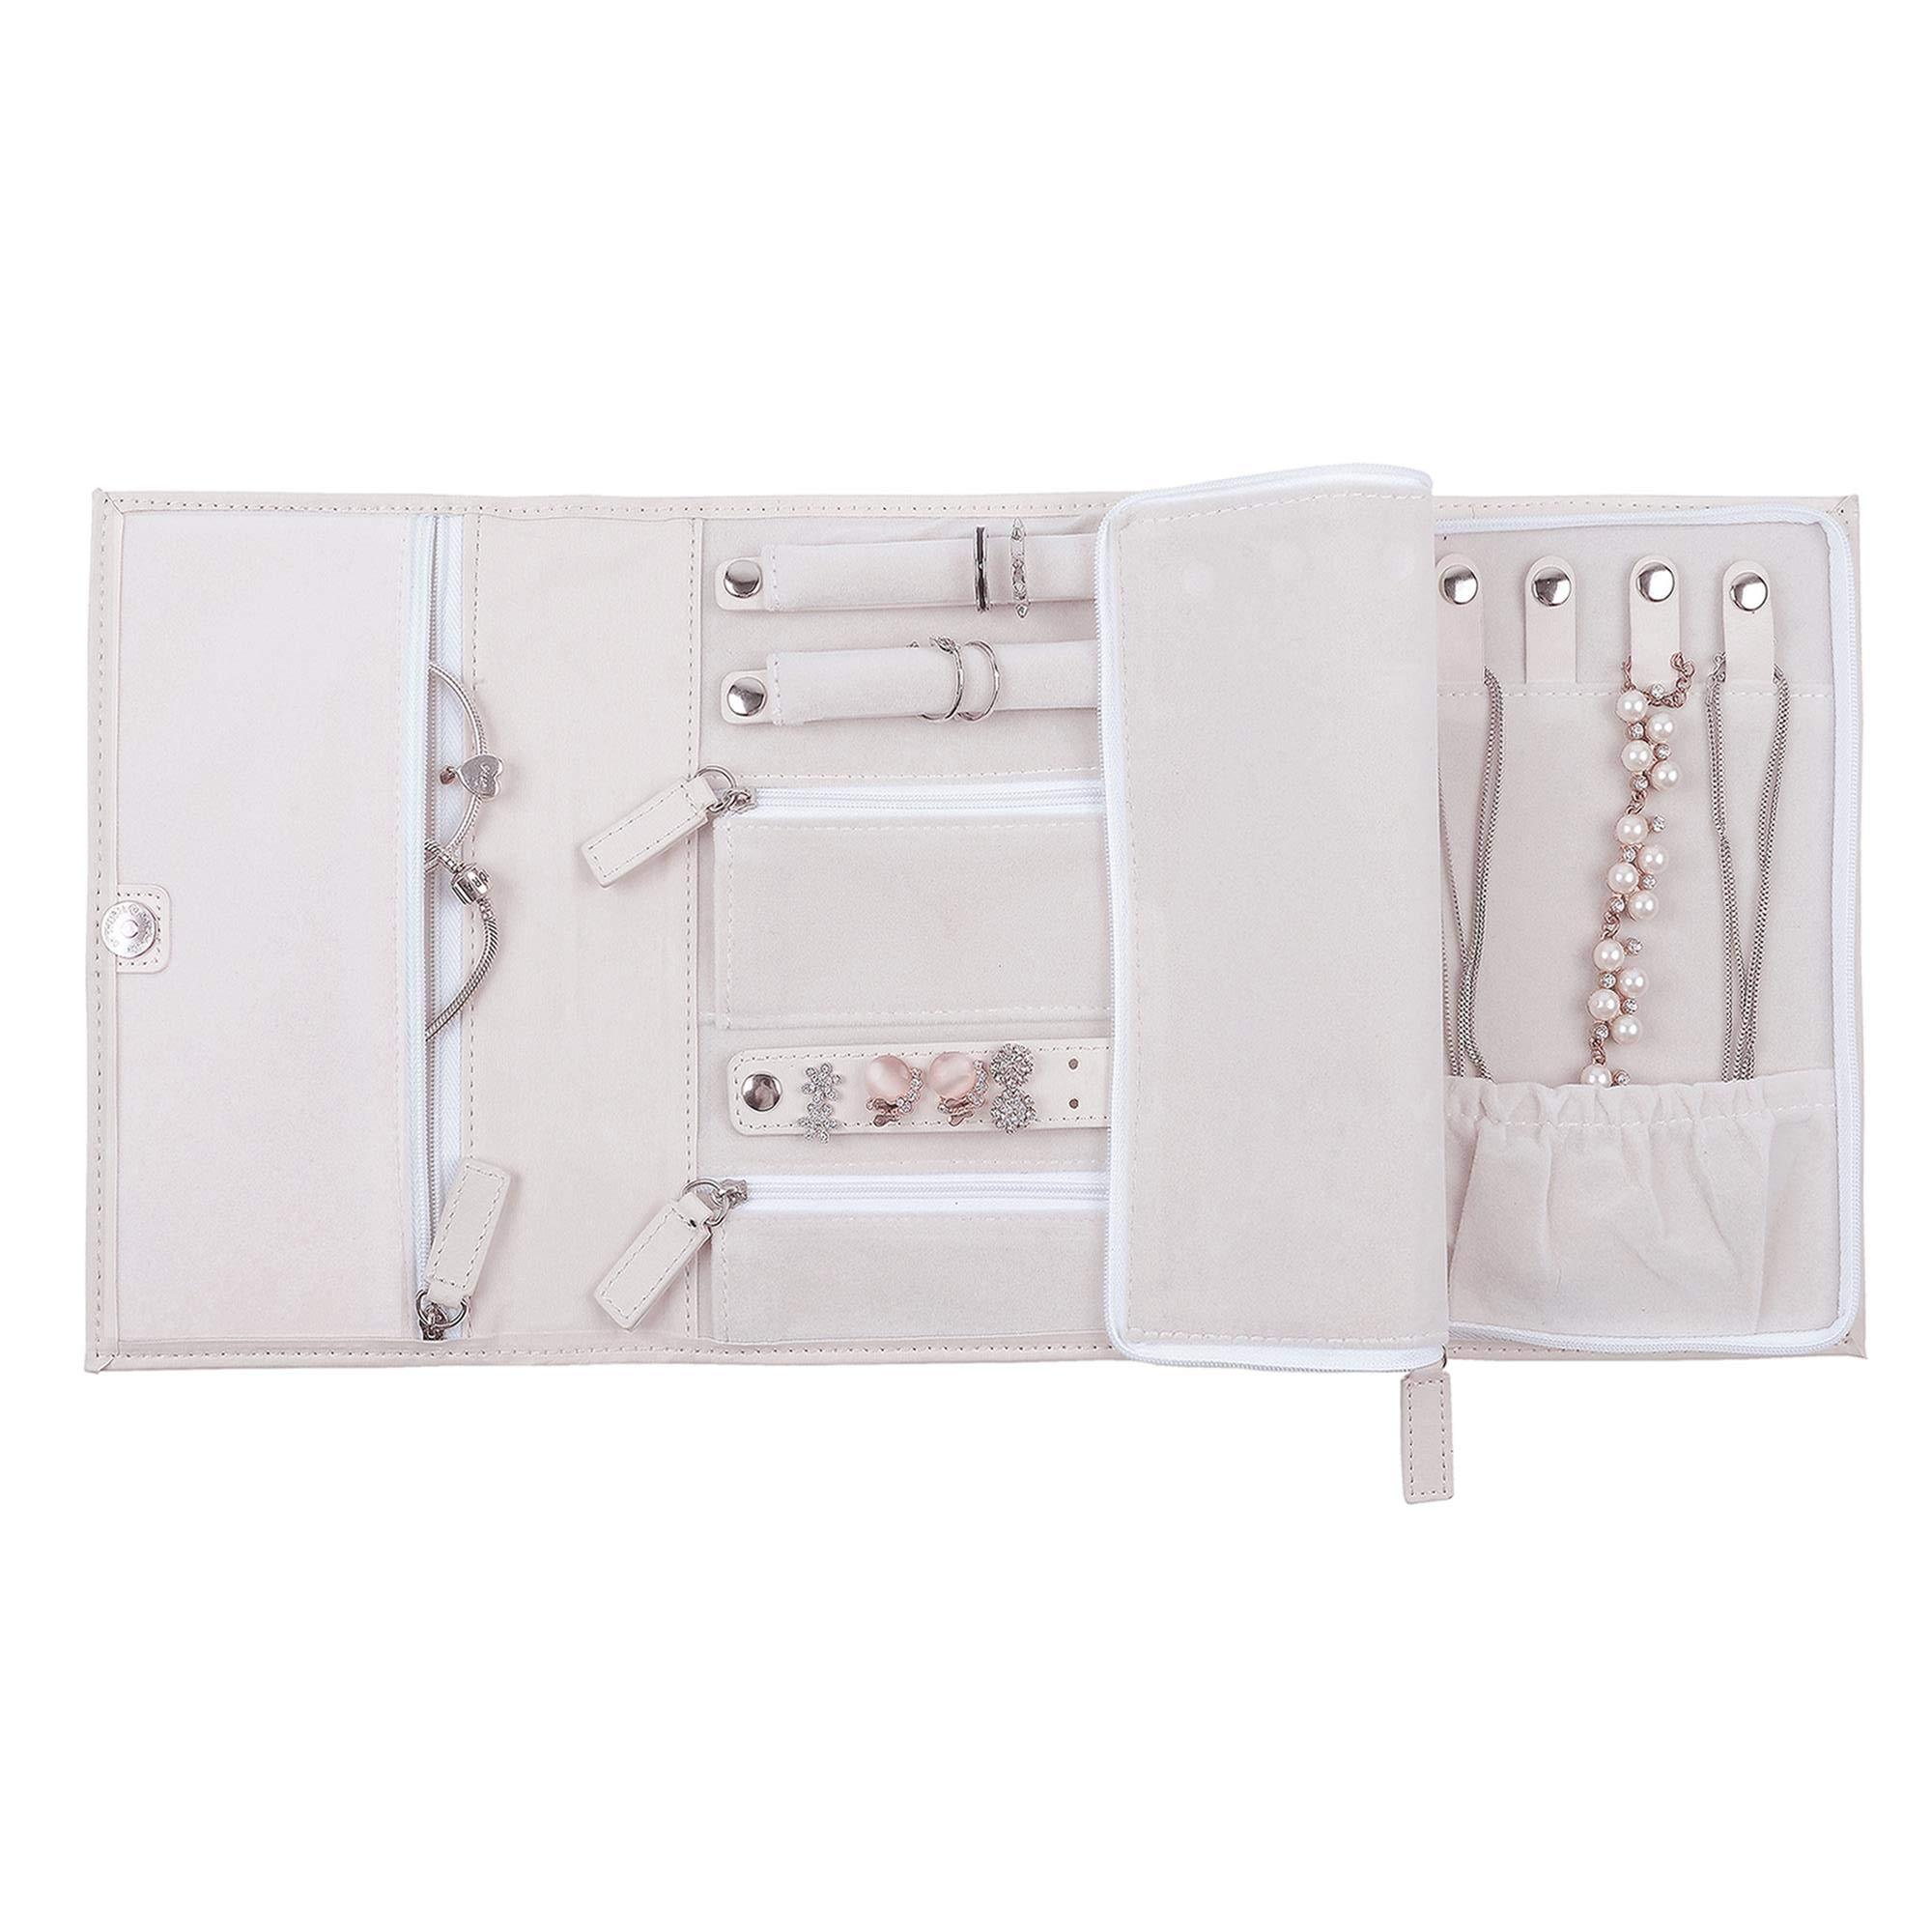 ONLVAN Travel Jewelry Case Jewelry Organizer Vegan Leather Bag Jewelry Storage (White)